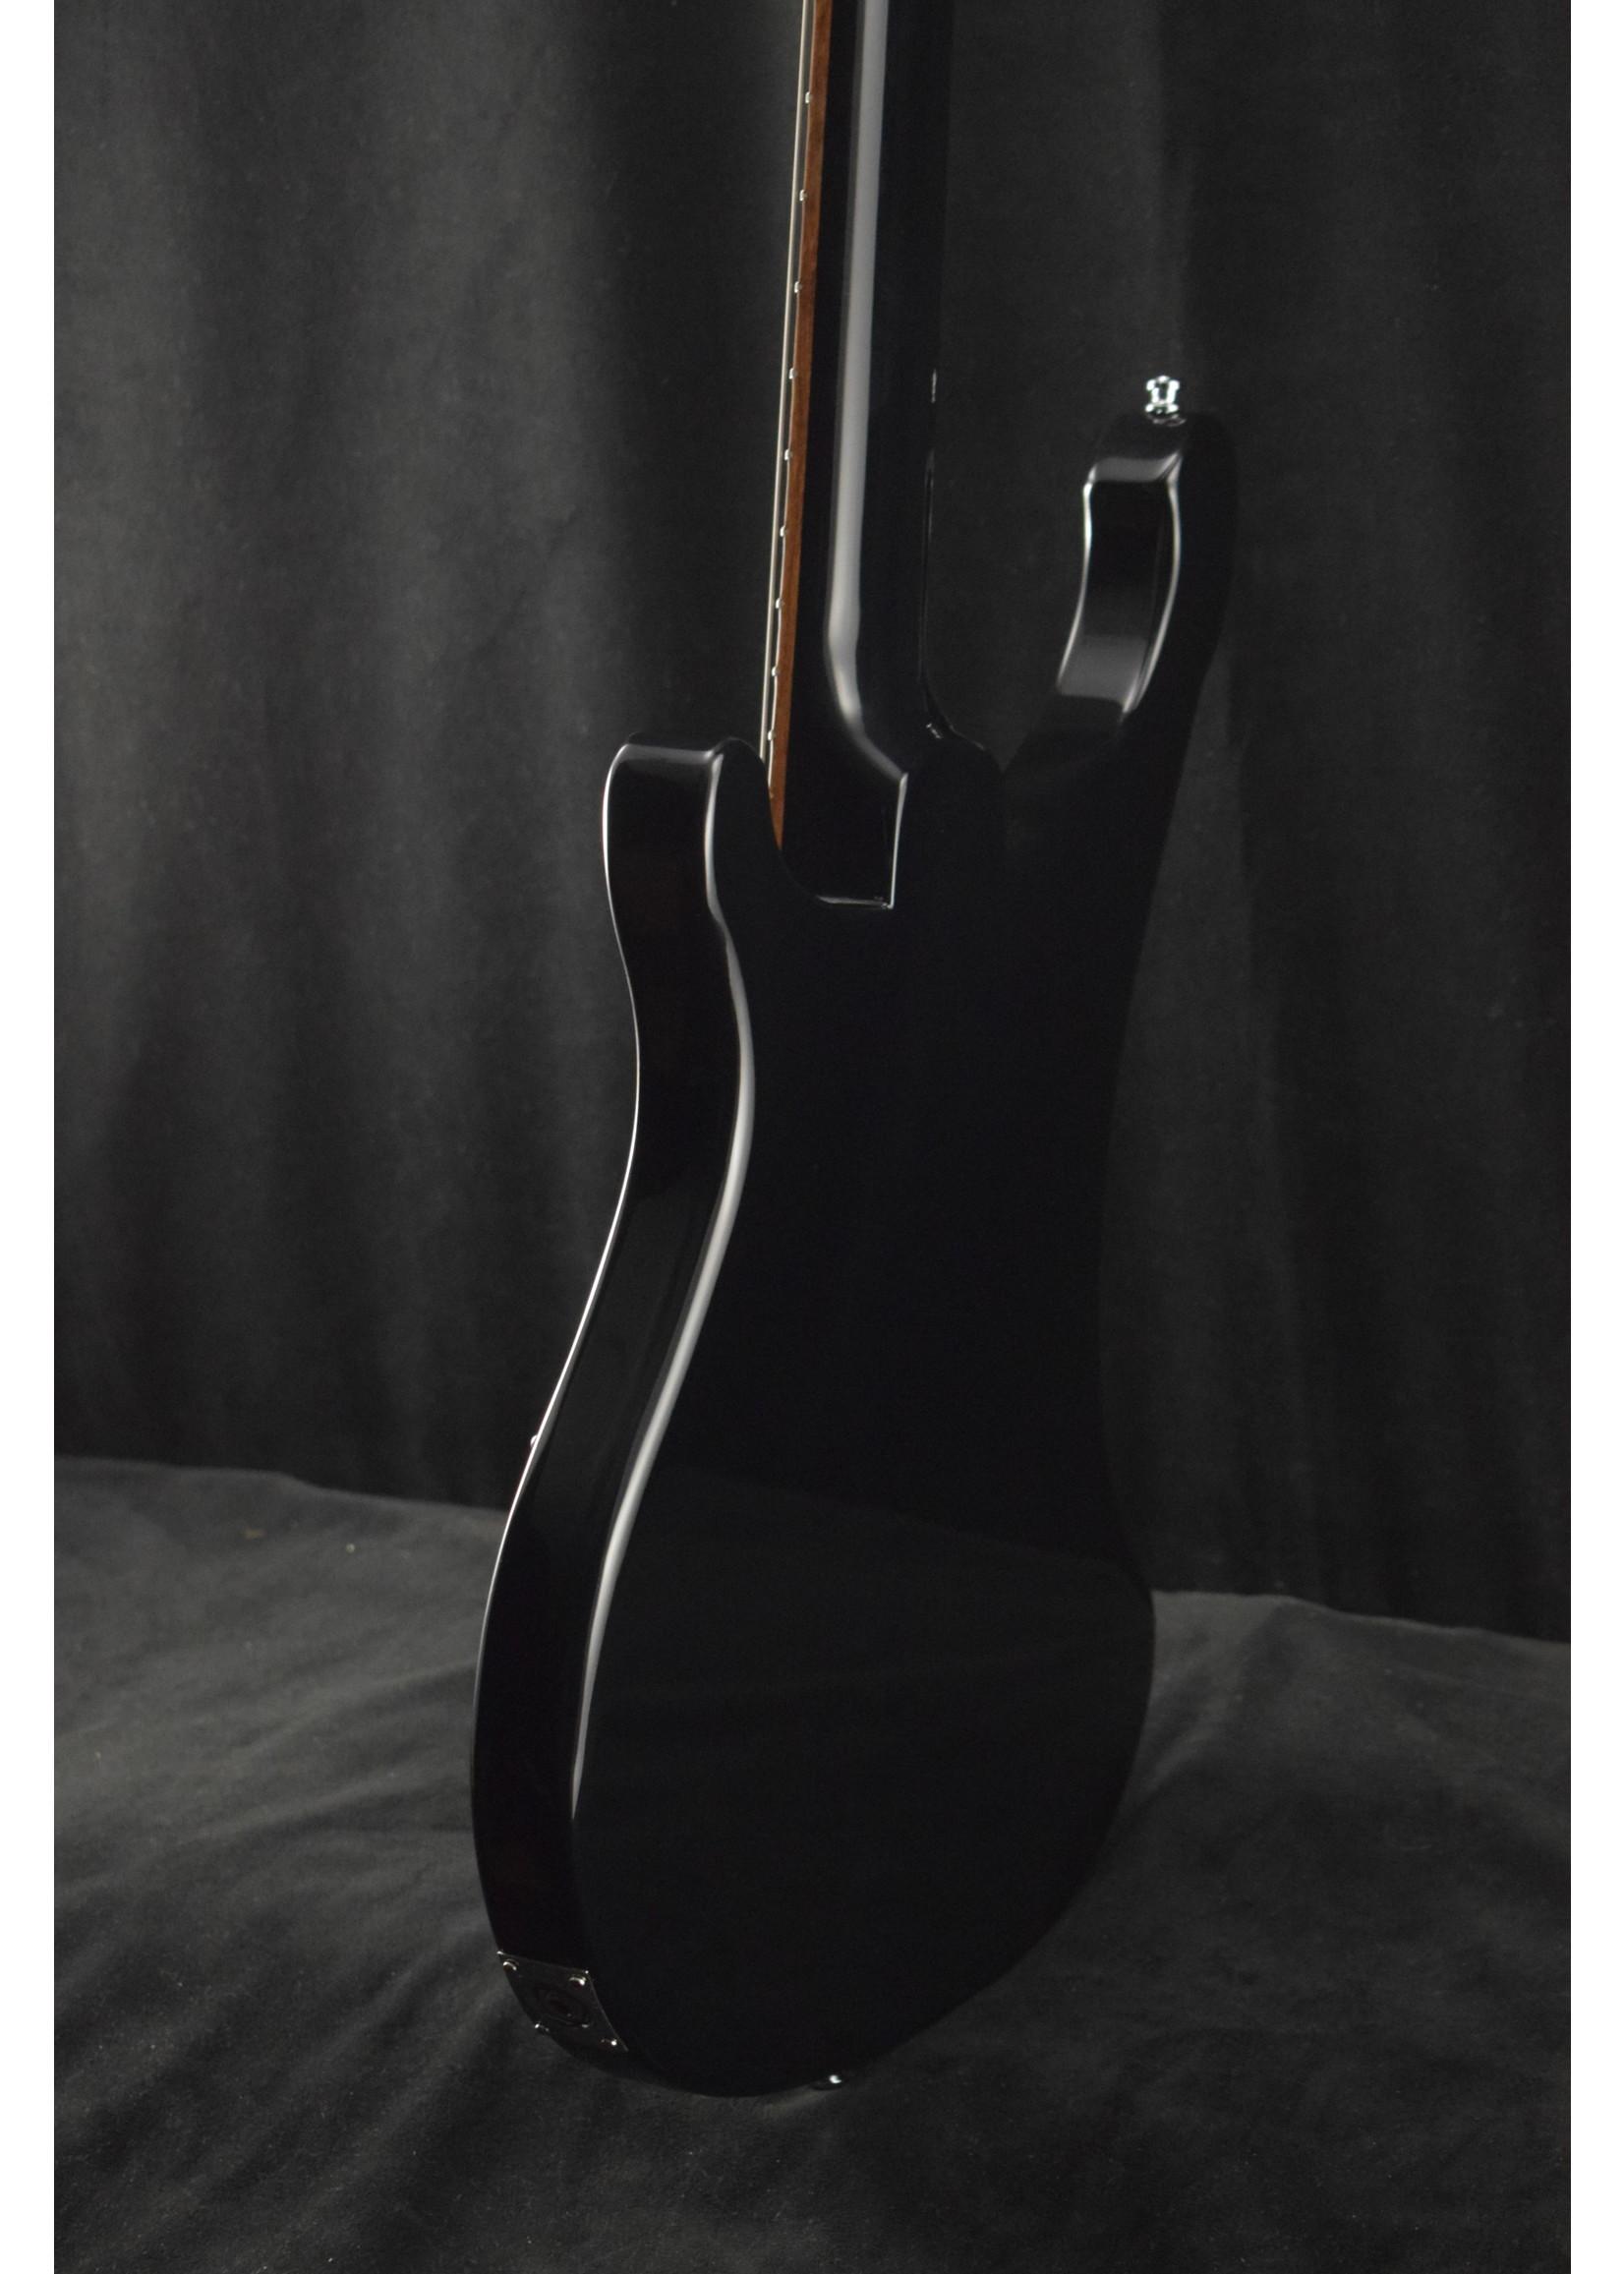 Rickenbacker Rickenbacker 4003S/5 5-String Bass Jetglo with Hardshell Case